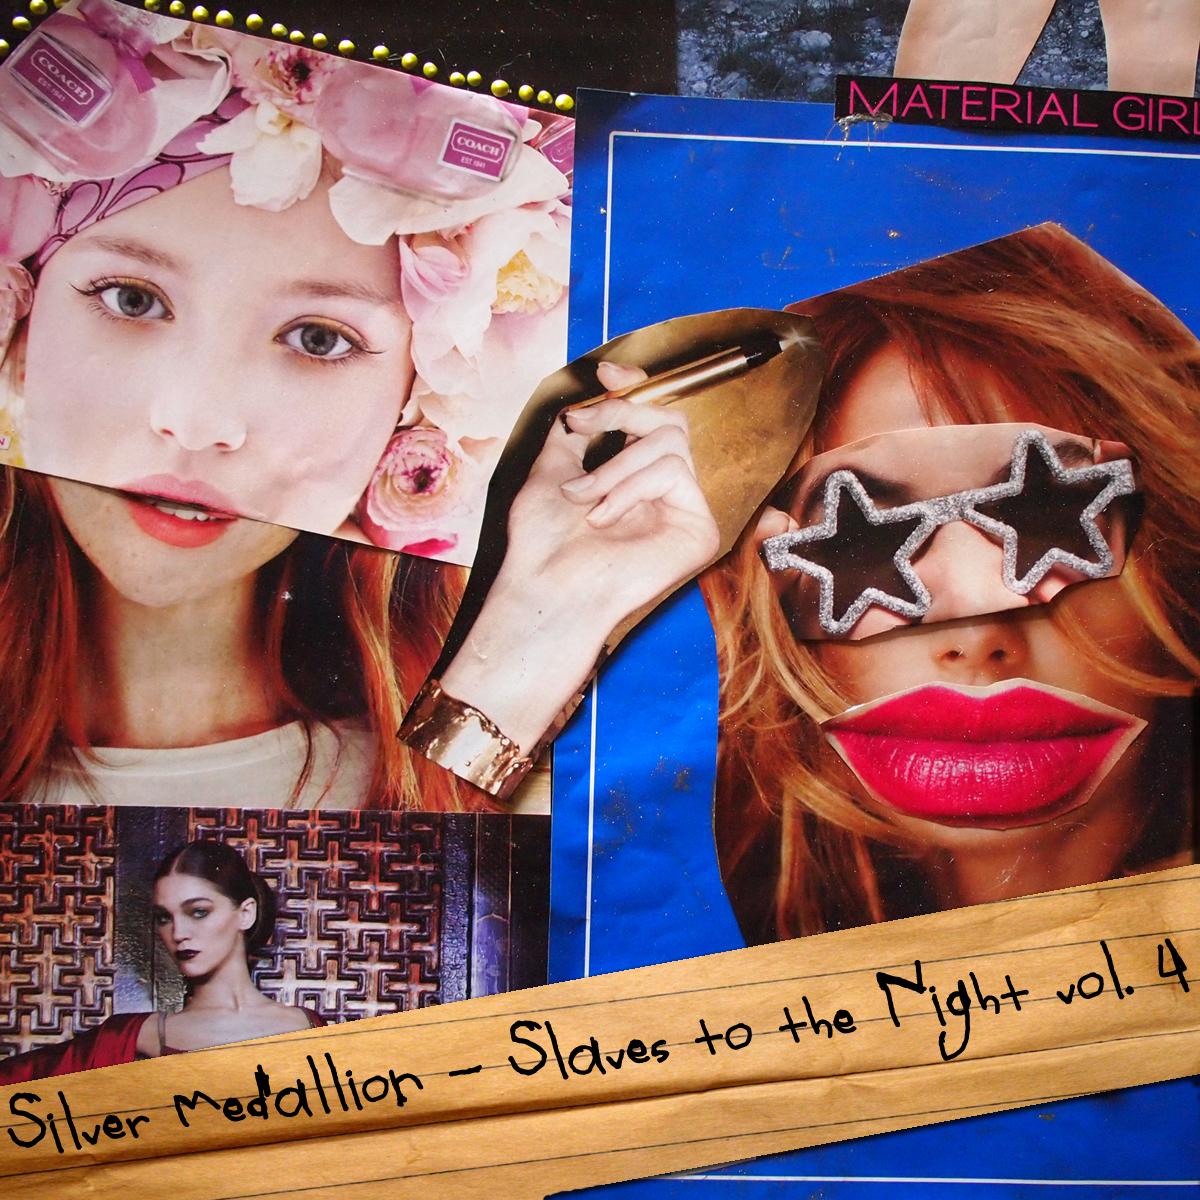 http://i1.sndcdn.com/artworks-000033246960-4zrjlr-original.jpg?f6d22d0